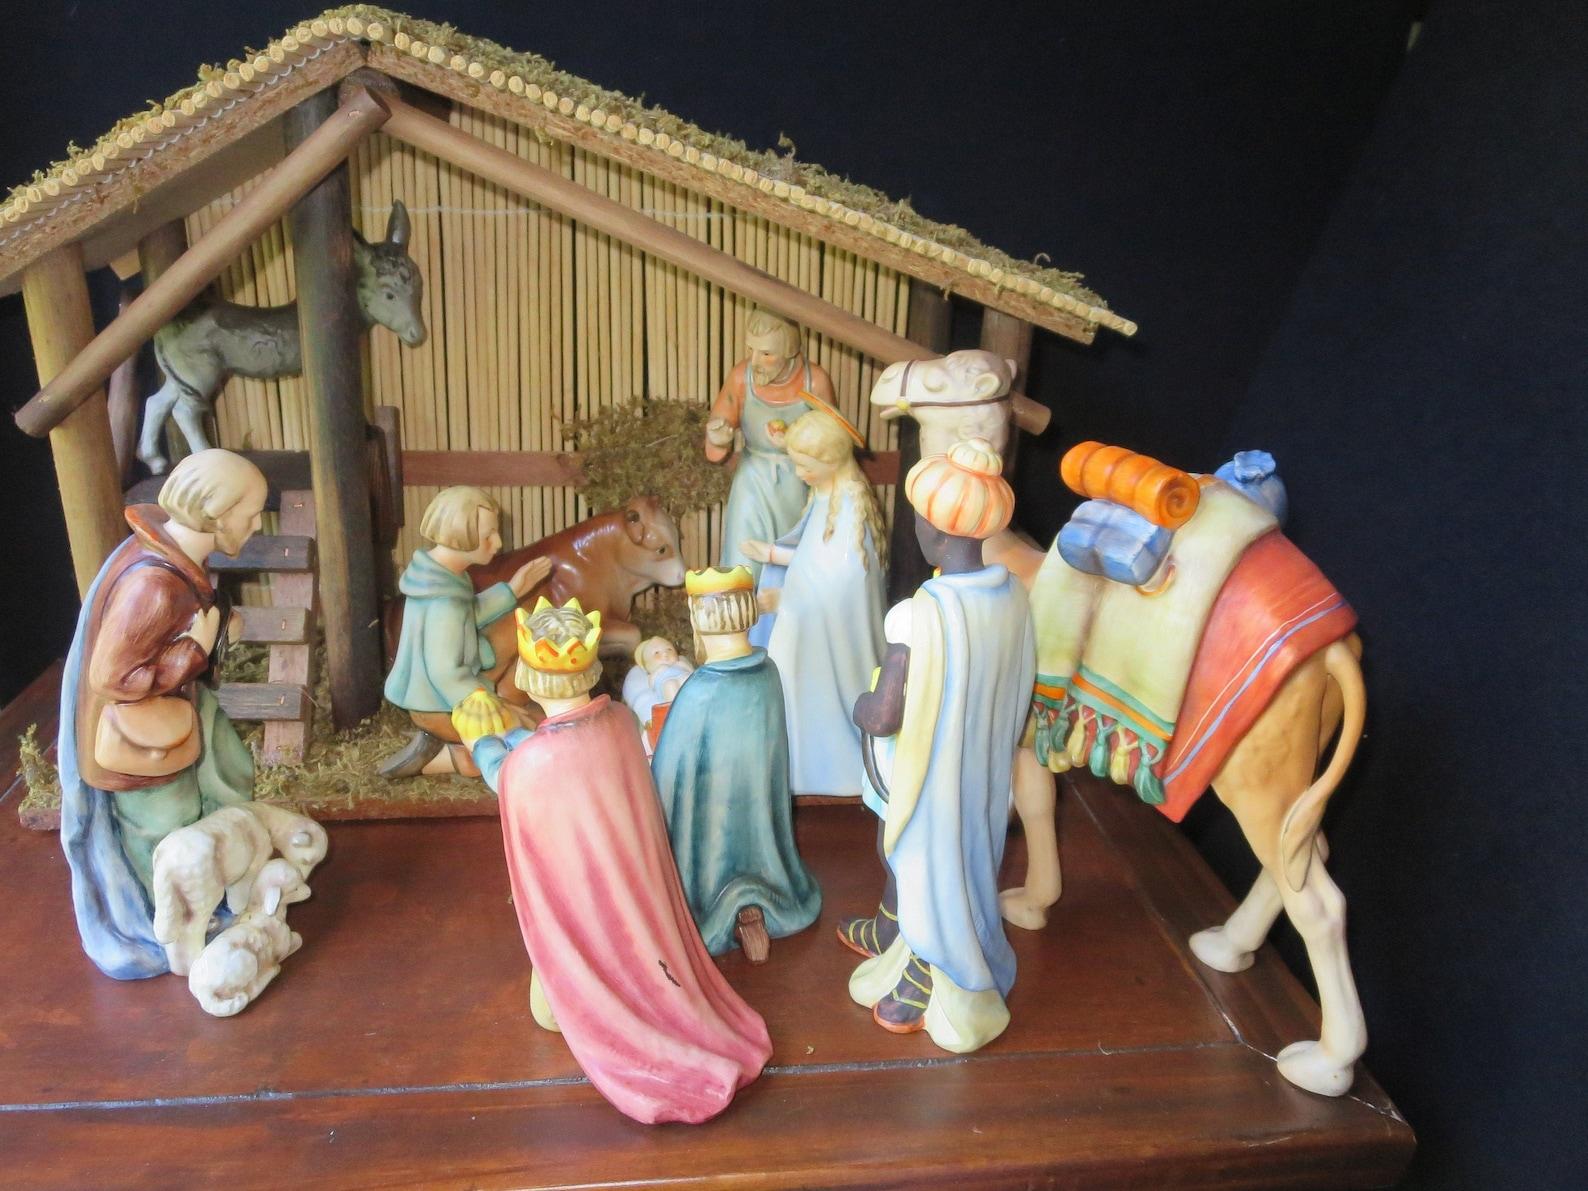 Vintage Large Goebel Hummel Creche Figurines, Nativity Set, #214, 11 Pieces Including Standing Camel, Signed M.I. Hummel, 1960's TMK-4 Mark